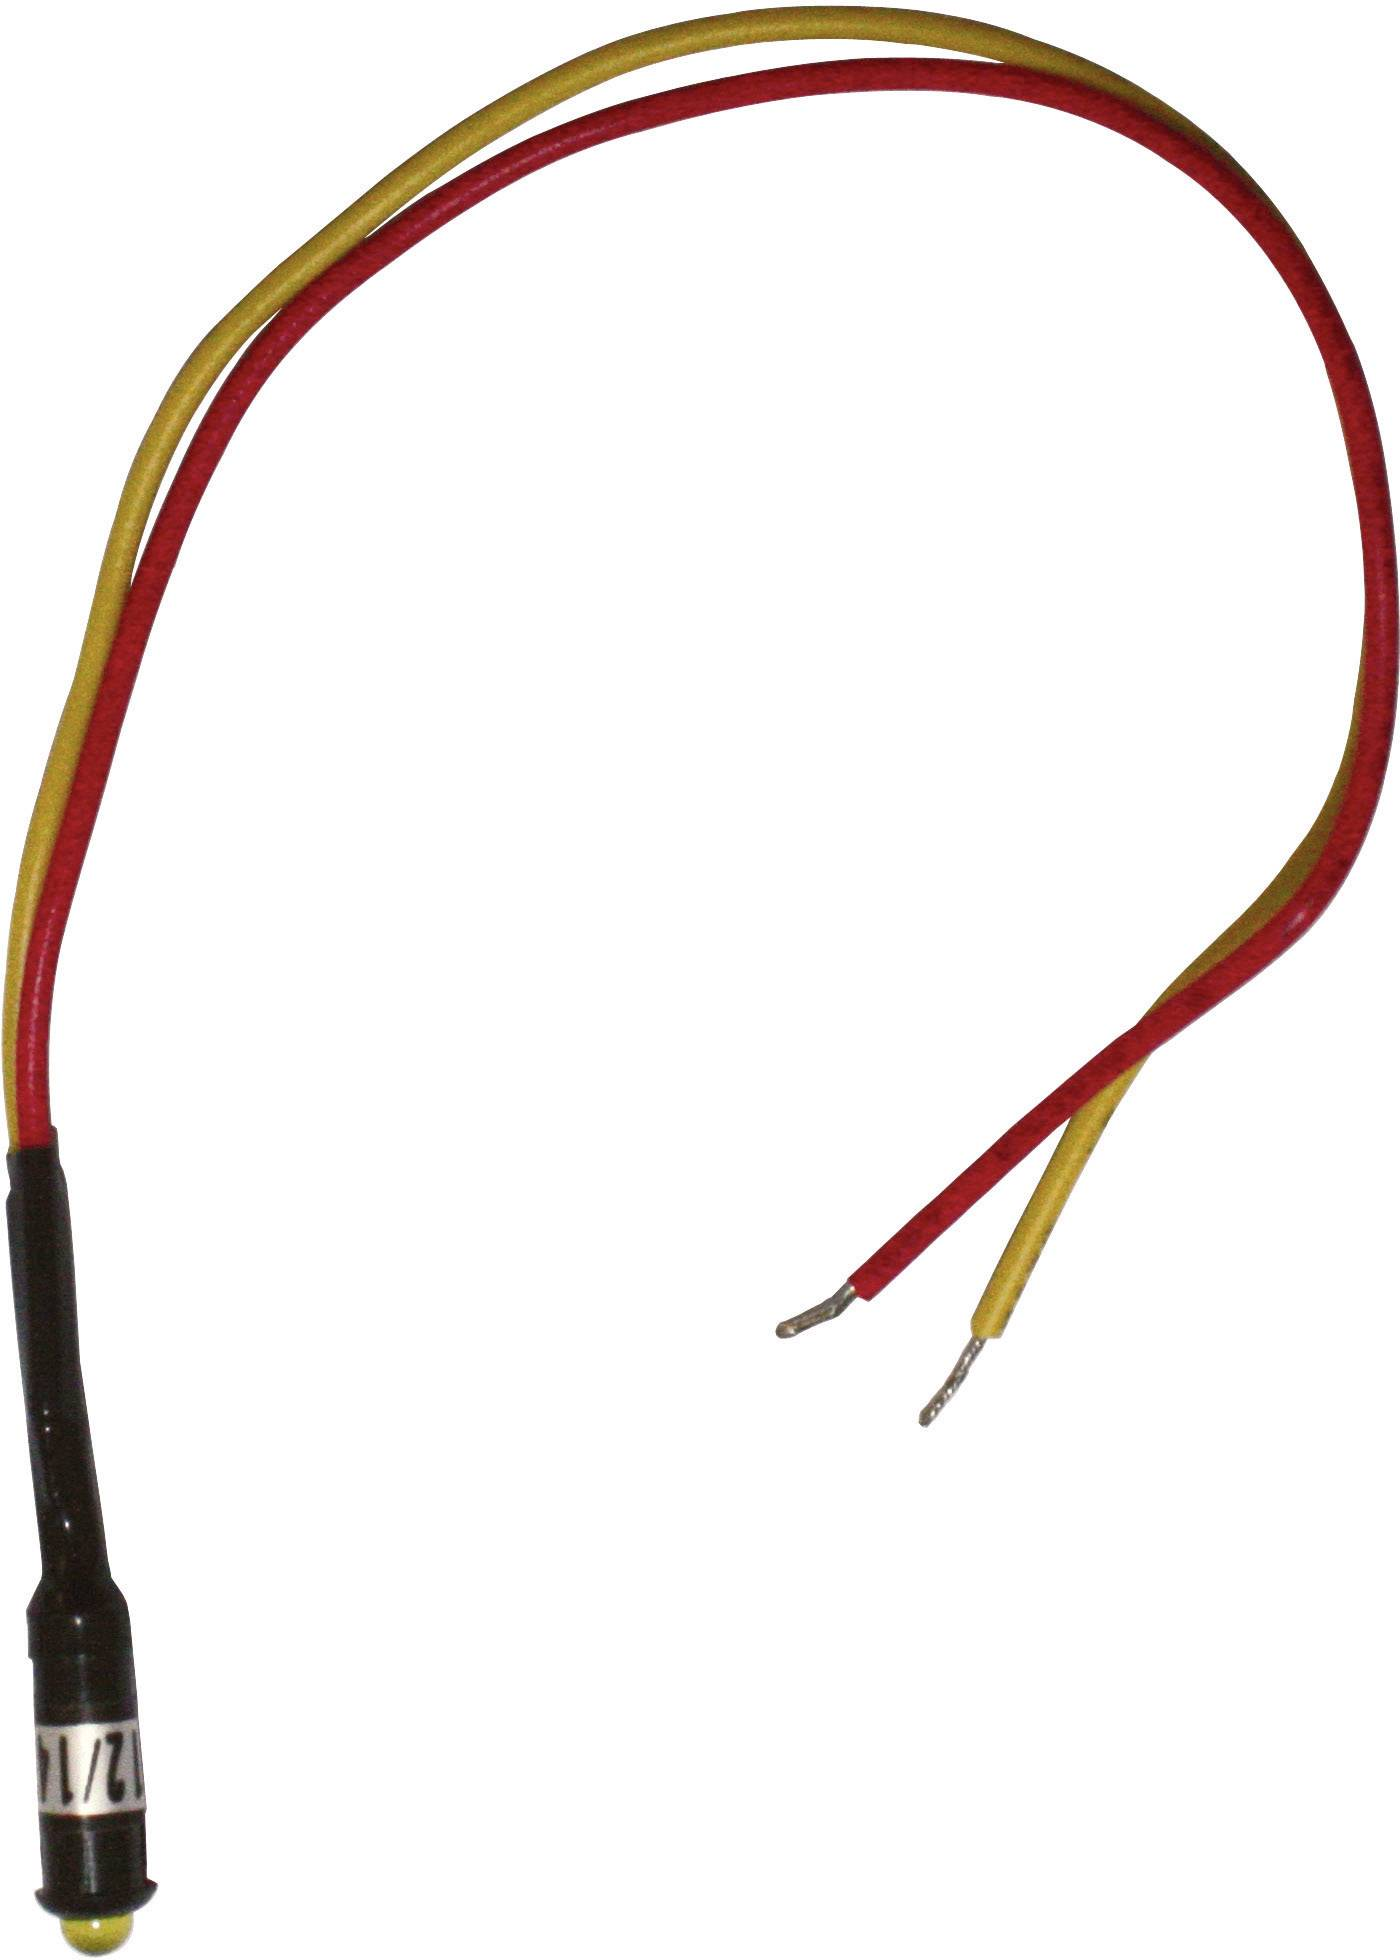 LED signálka Barthelme 52032811, 24 V/DC, červená